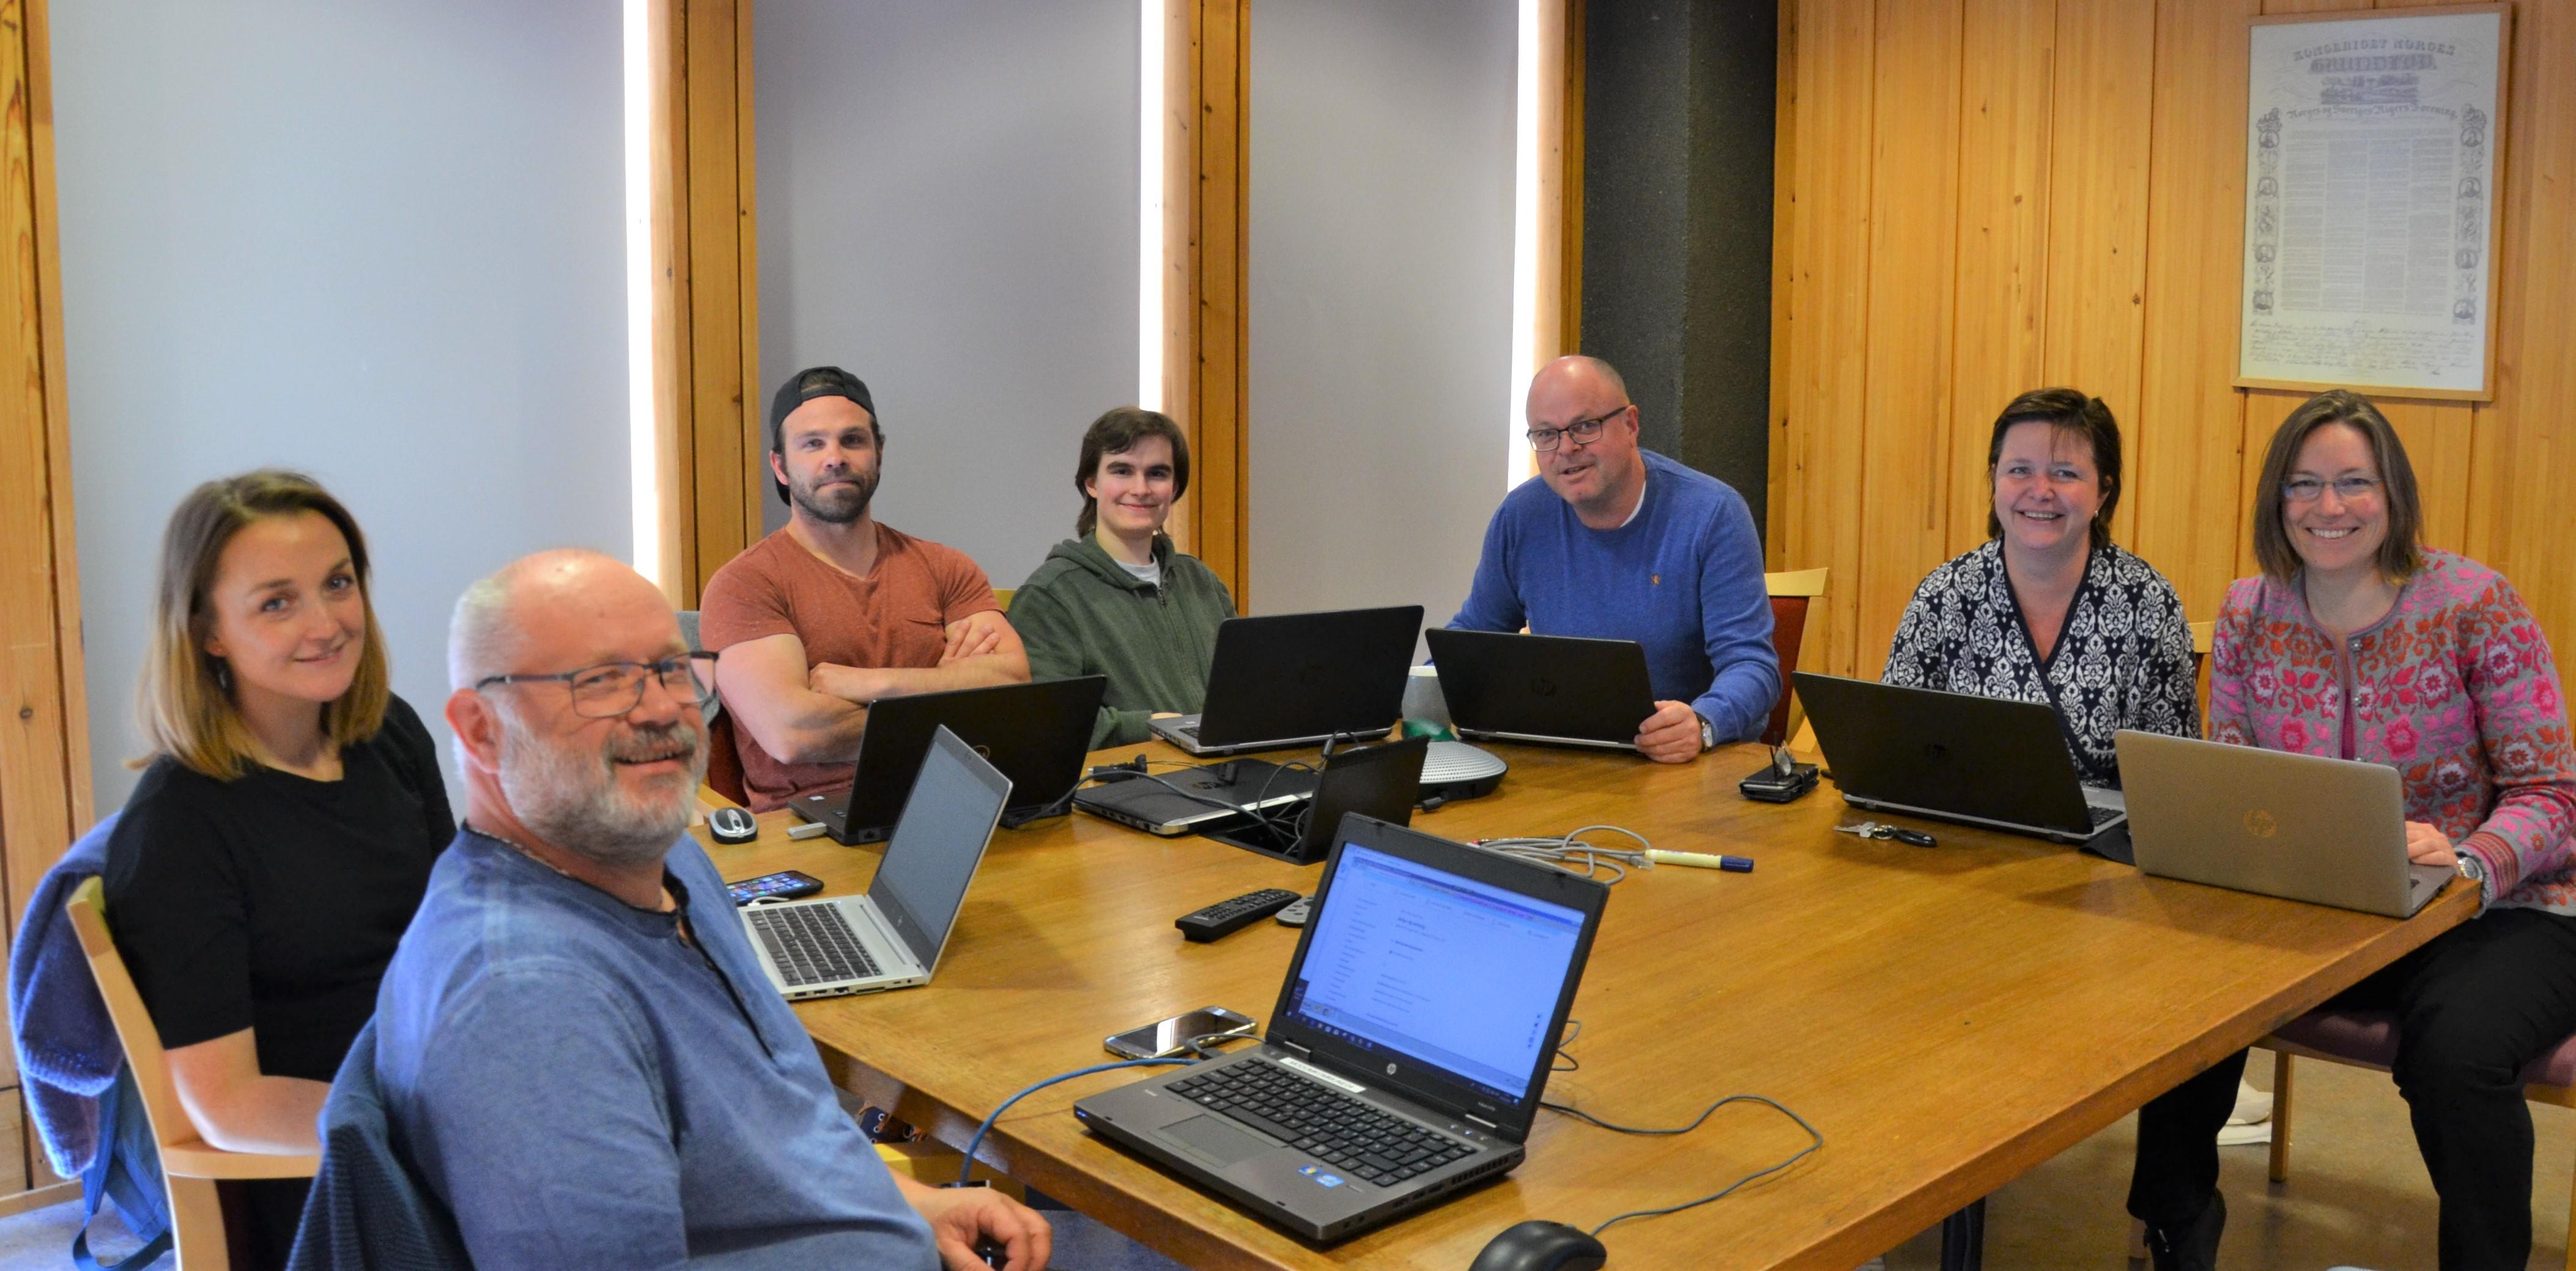 hjemmesidegruppe i  jobb.jpg